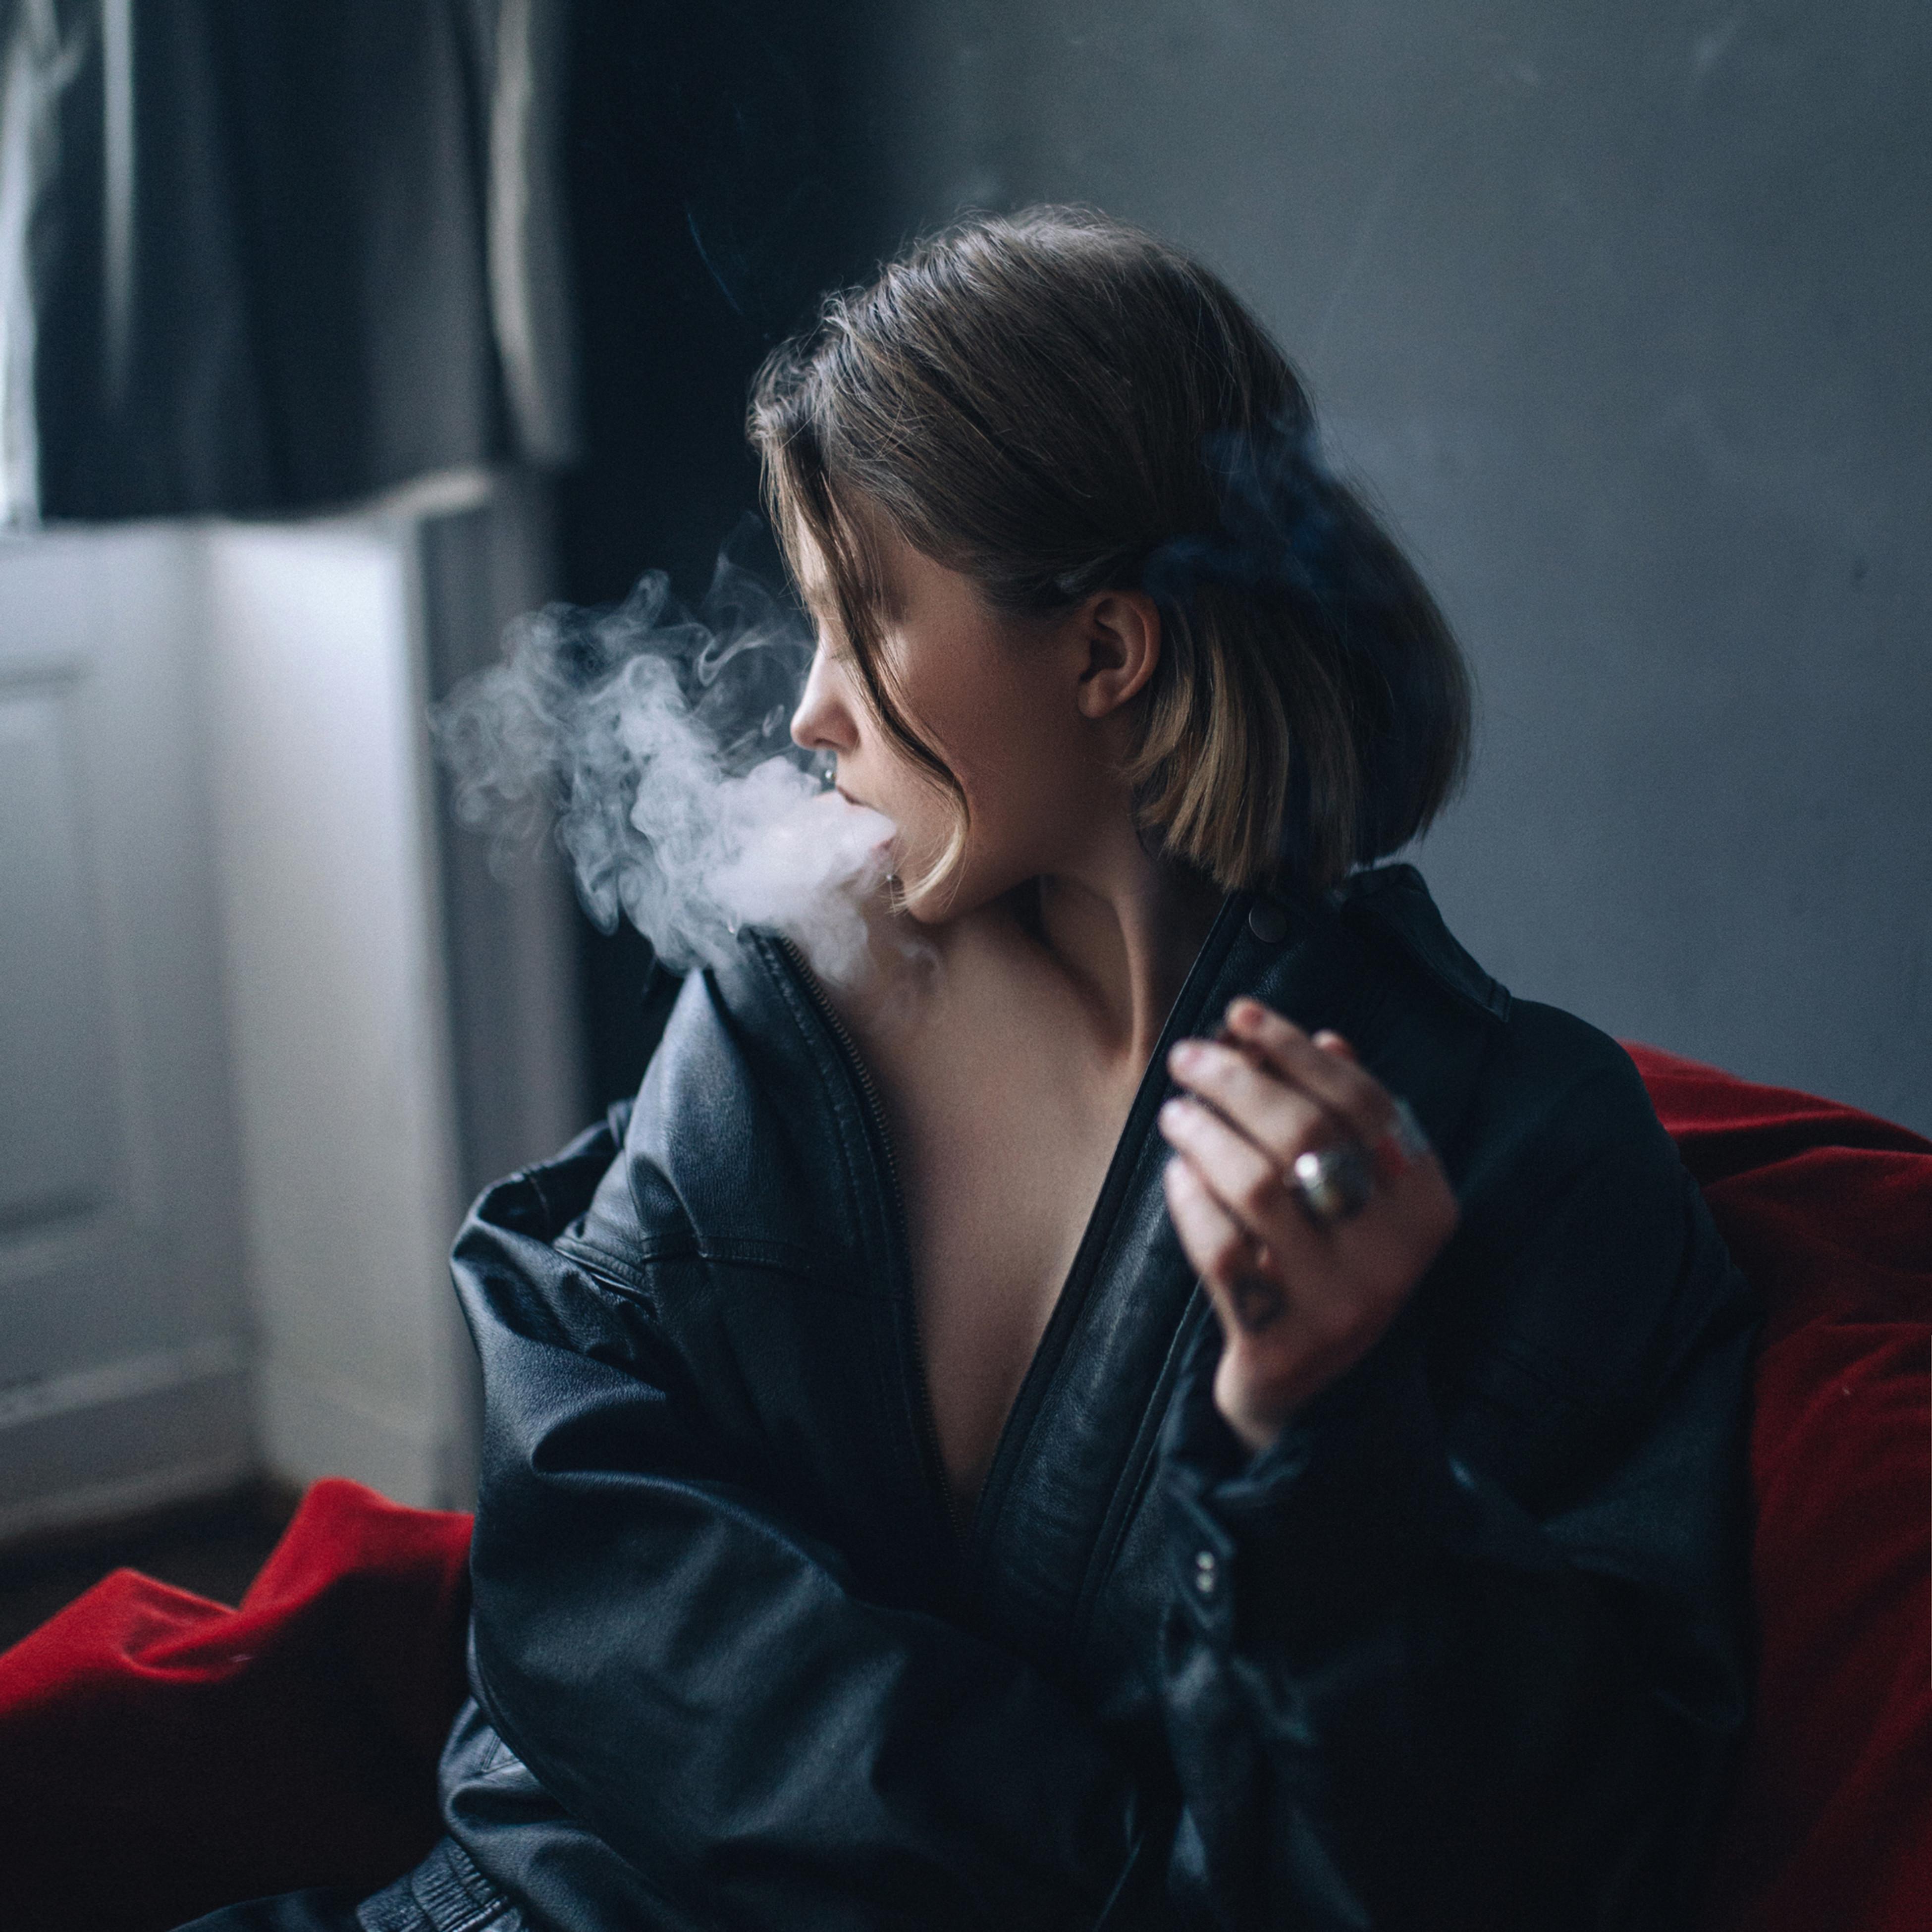 Become a Non Smoker - 6 Week Program